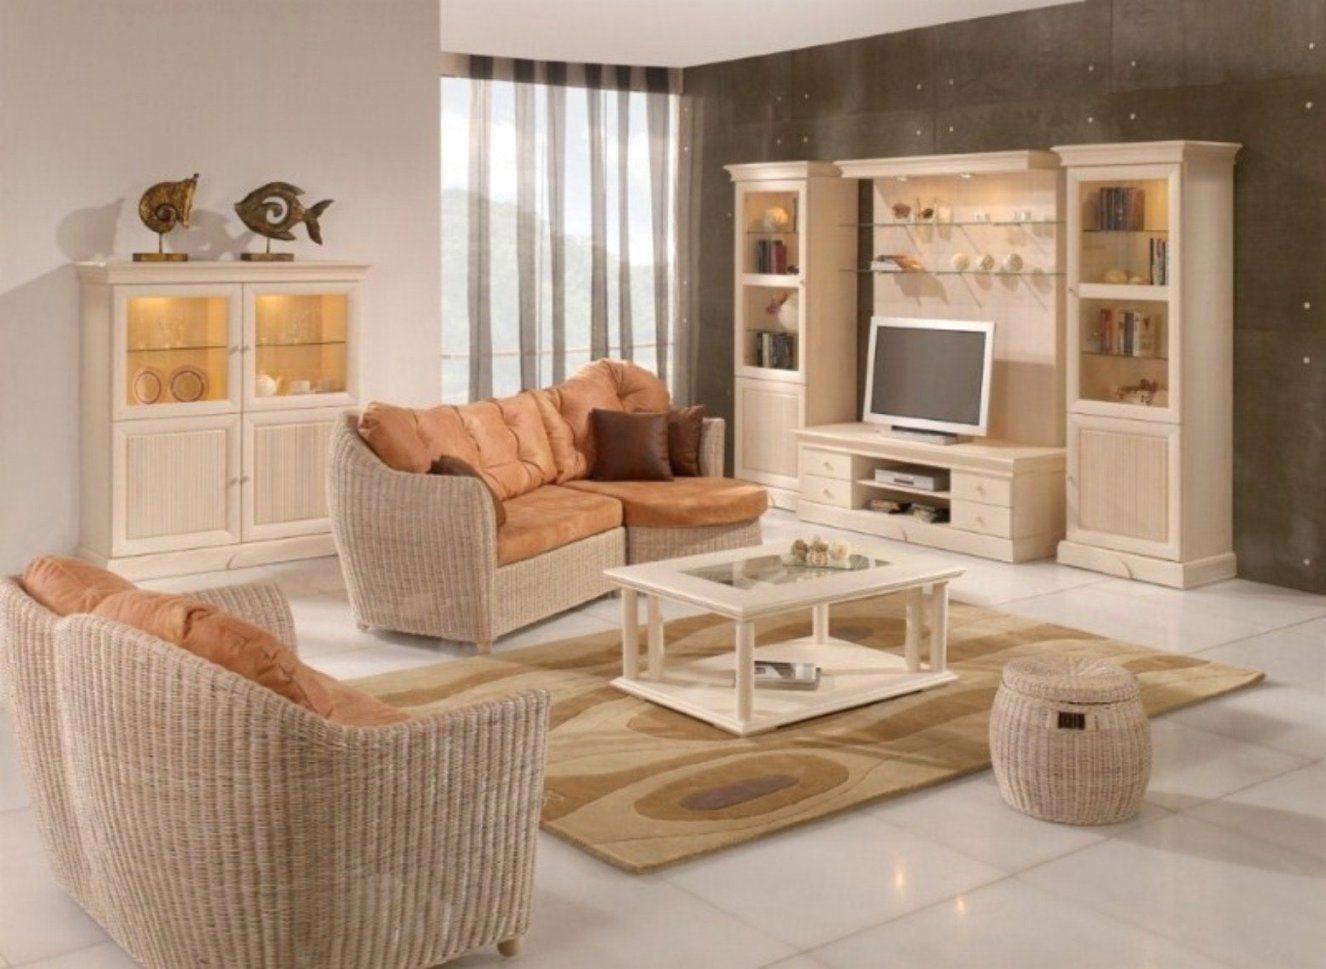 Pinie Möbel Mit Pinienmöbel Natur Gebürstet Gekälkt Mediterran 1 Und von Möbel Pinie Gekälkt Und Gebürstet Bild